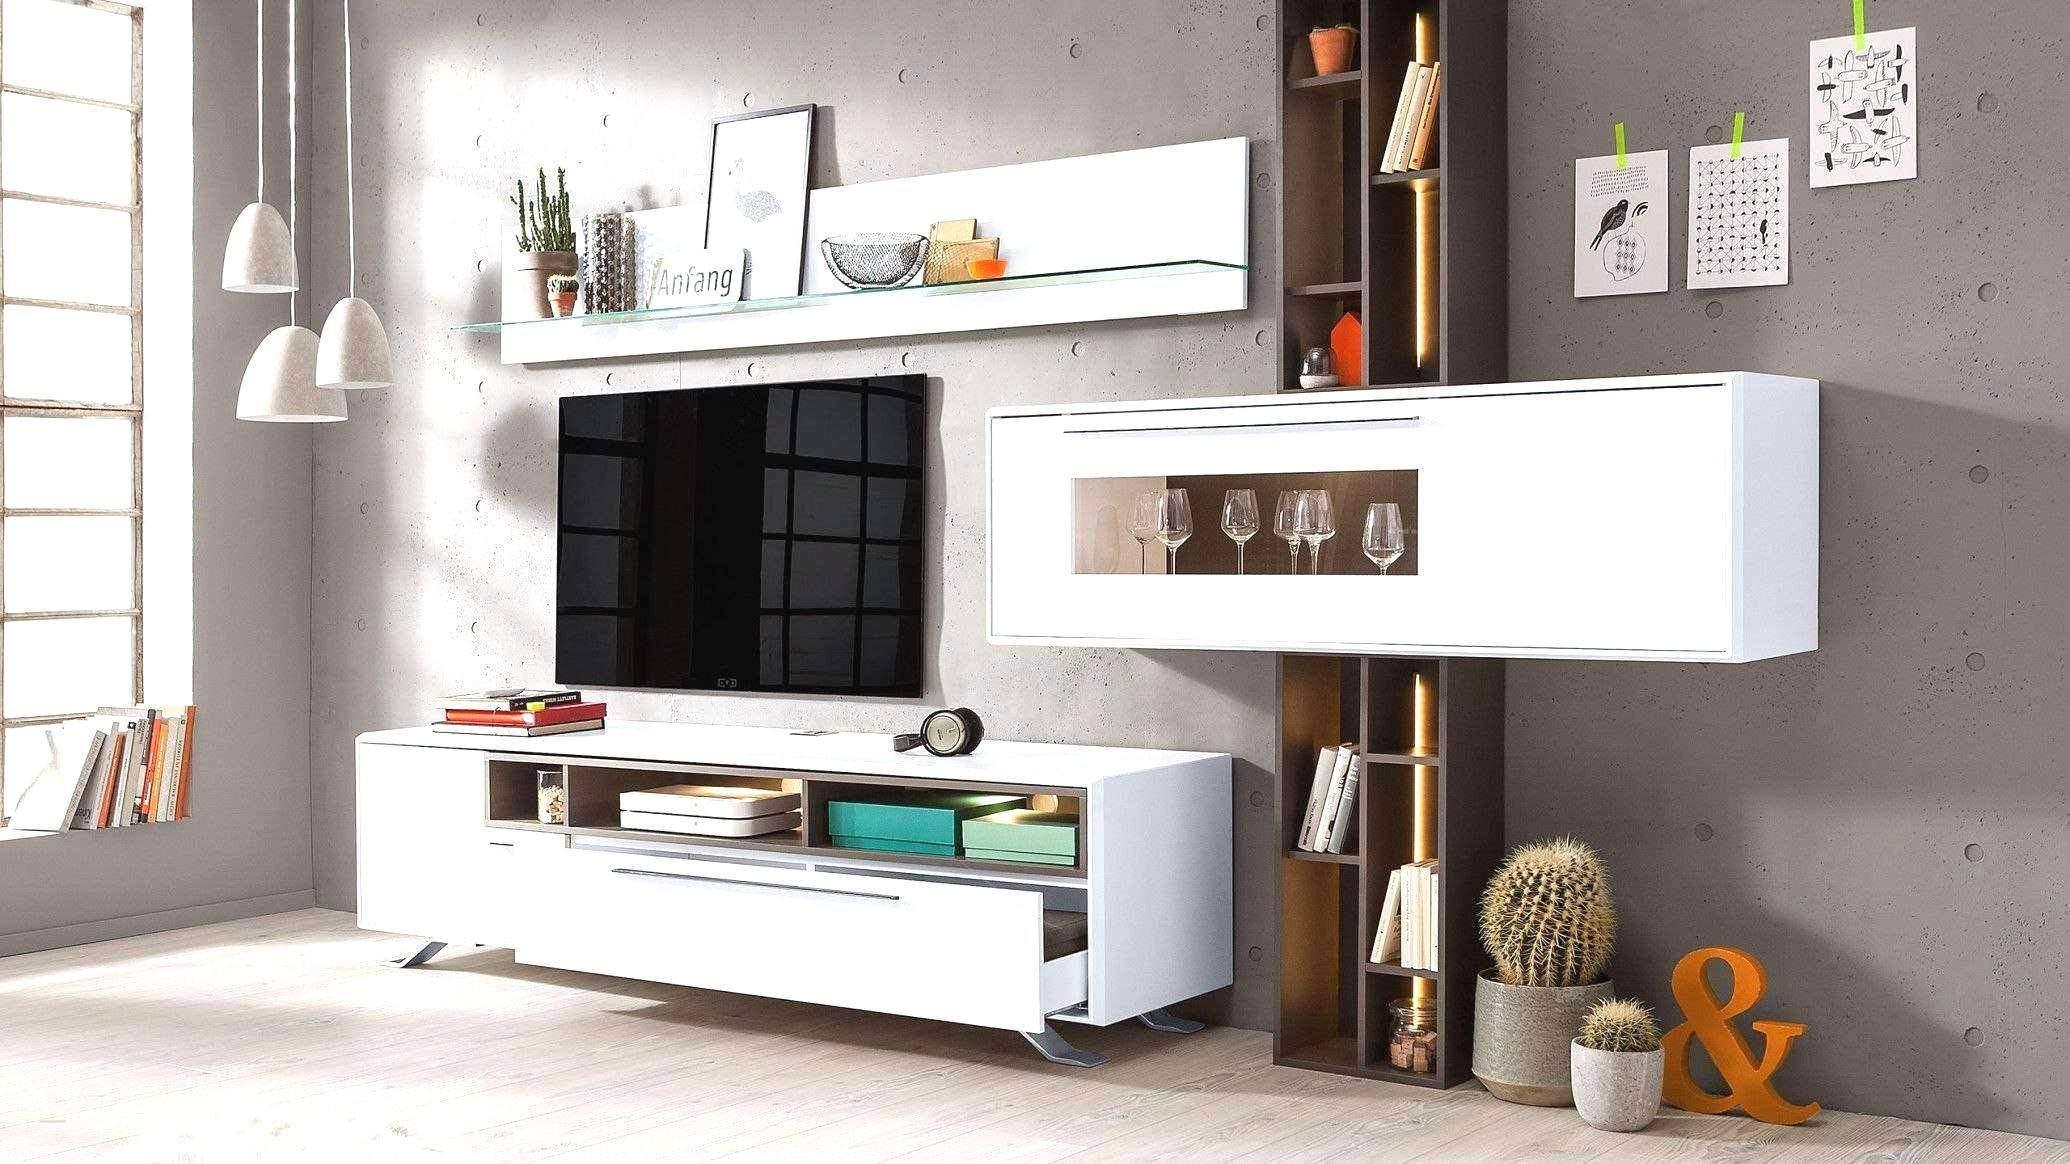 Full Size of Deko Sideboard Anrichte Wohnzimmer Neu Schrankwand Modern Genial Best Badezimmer Schlafzimmer Dekoration Küche Mit Arbeitsplatte Für Wanddeko Wohnzimmer Deko Sideboard